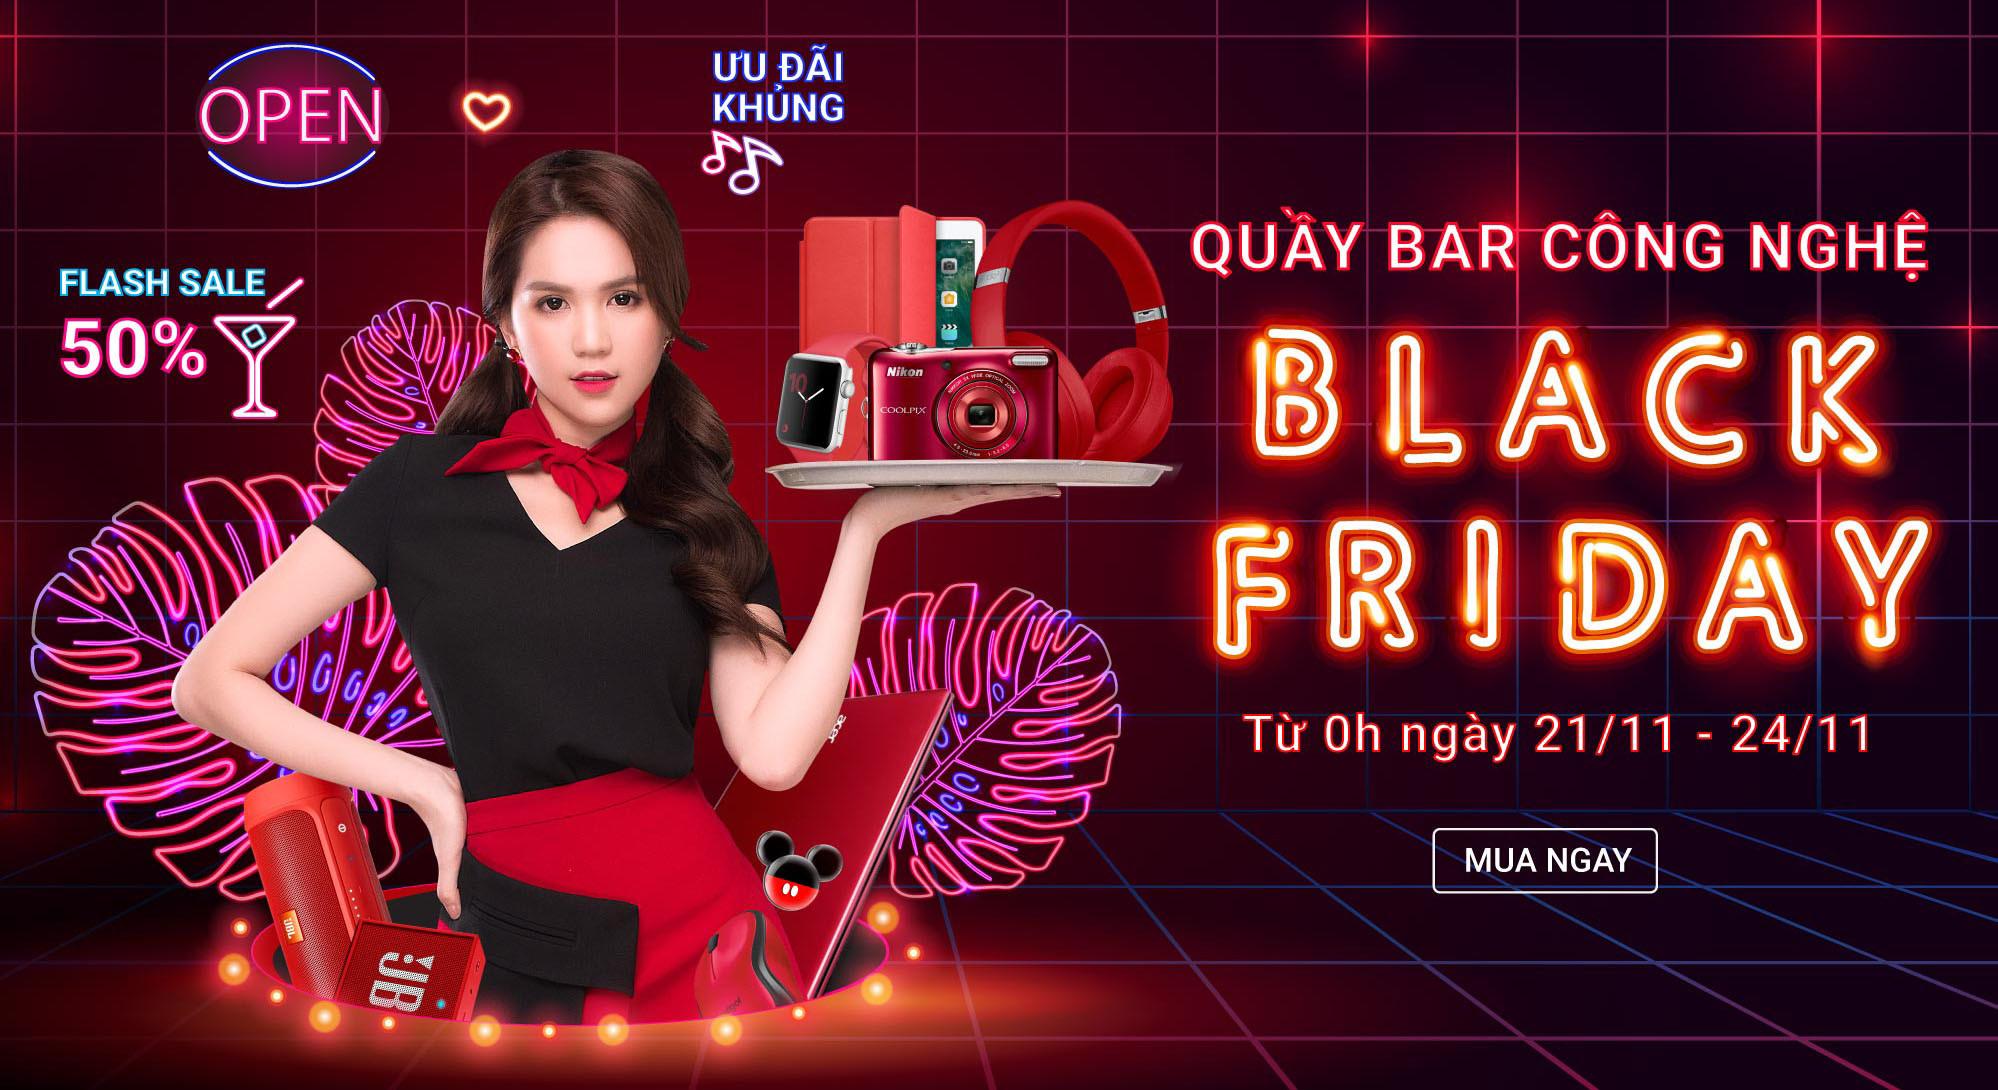 """Loạt trang thương mại điện tử Việt giảm giá """"sập sàn"""" trong dịp Black Friday 2017 - Ảnh 1"""